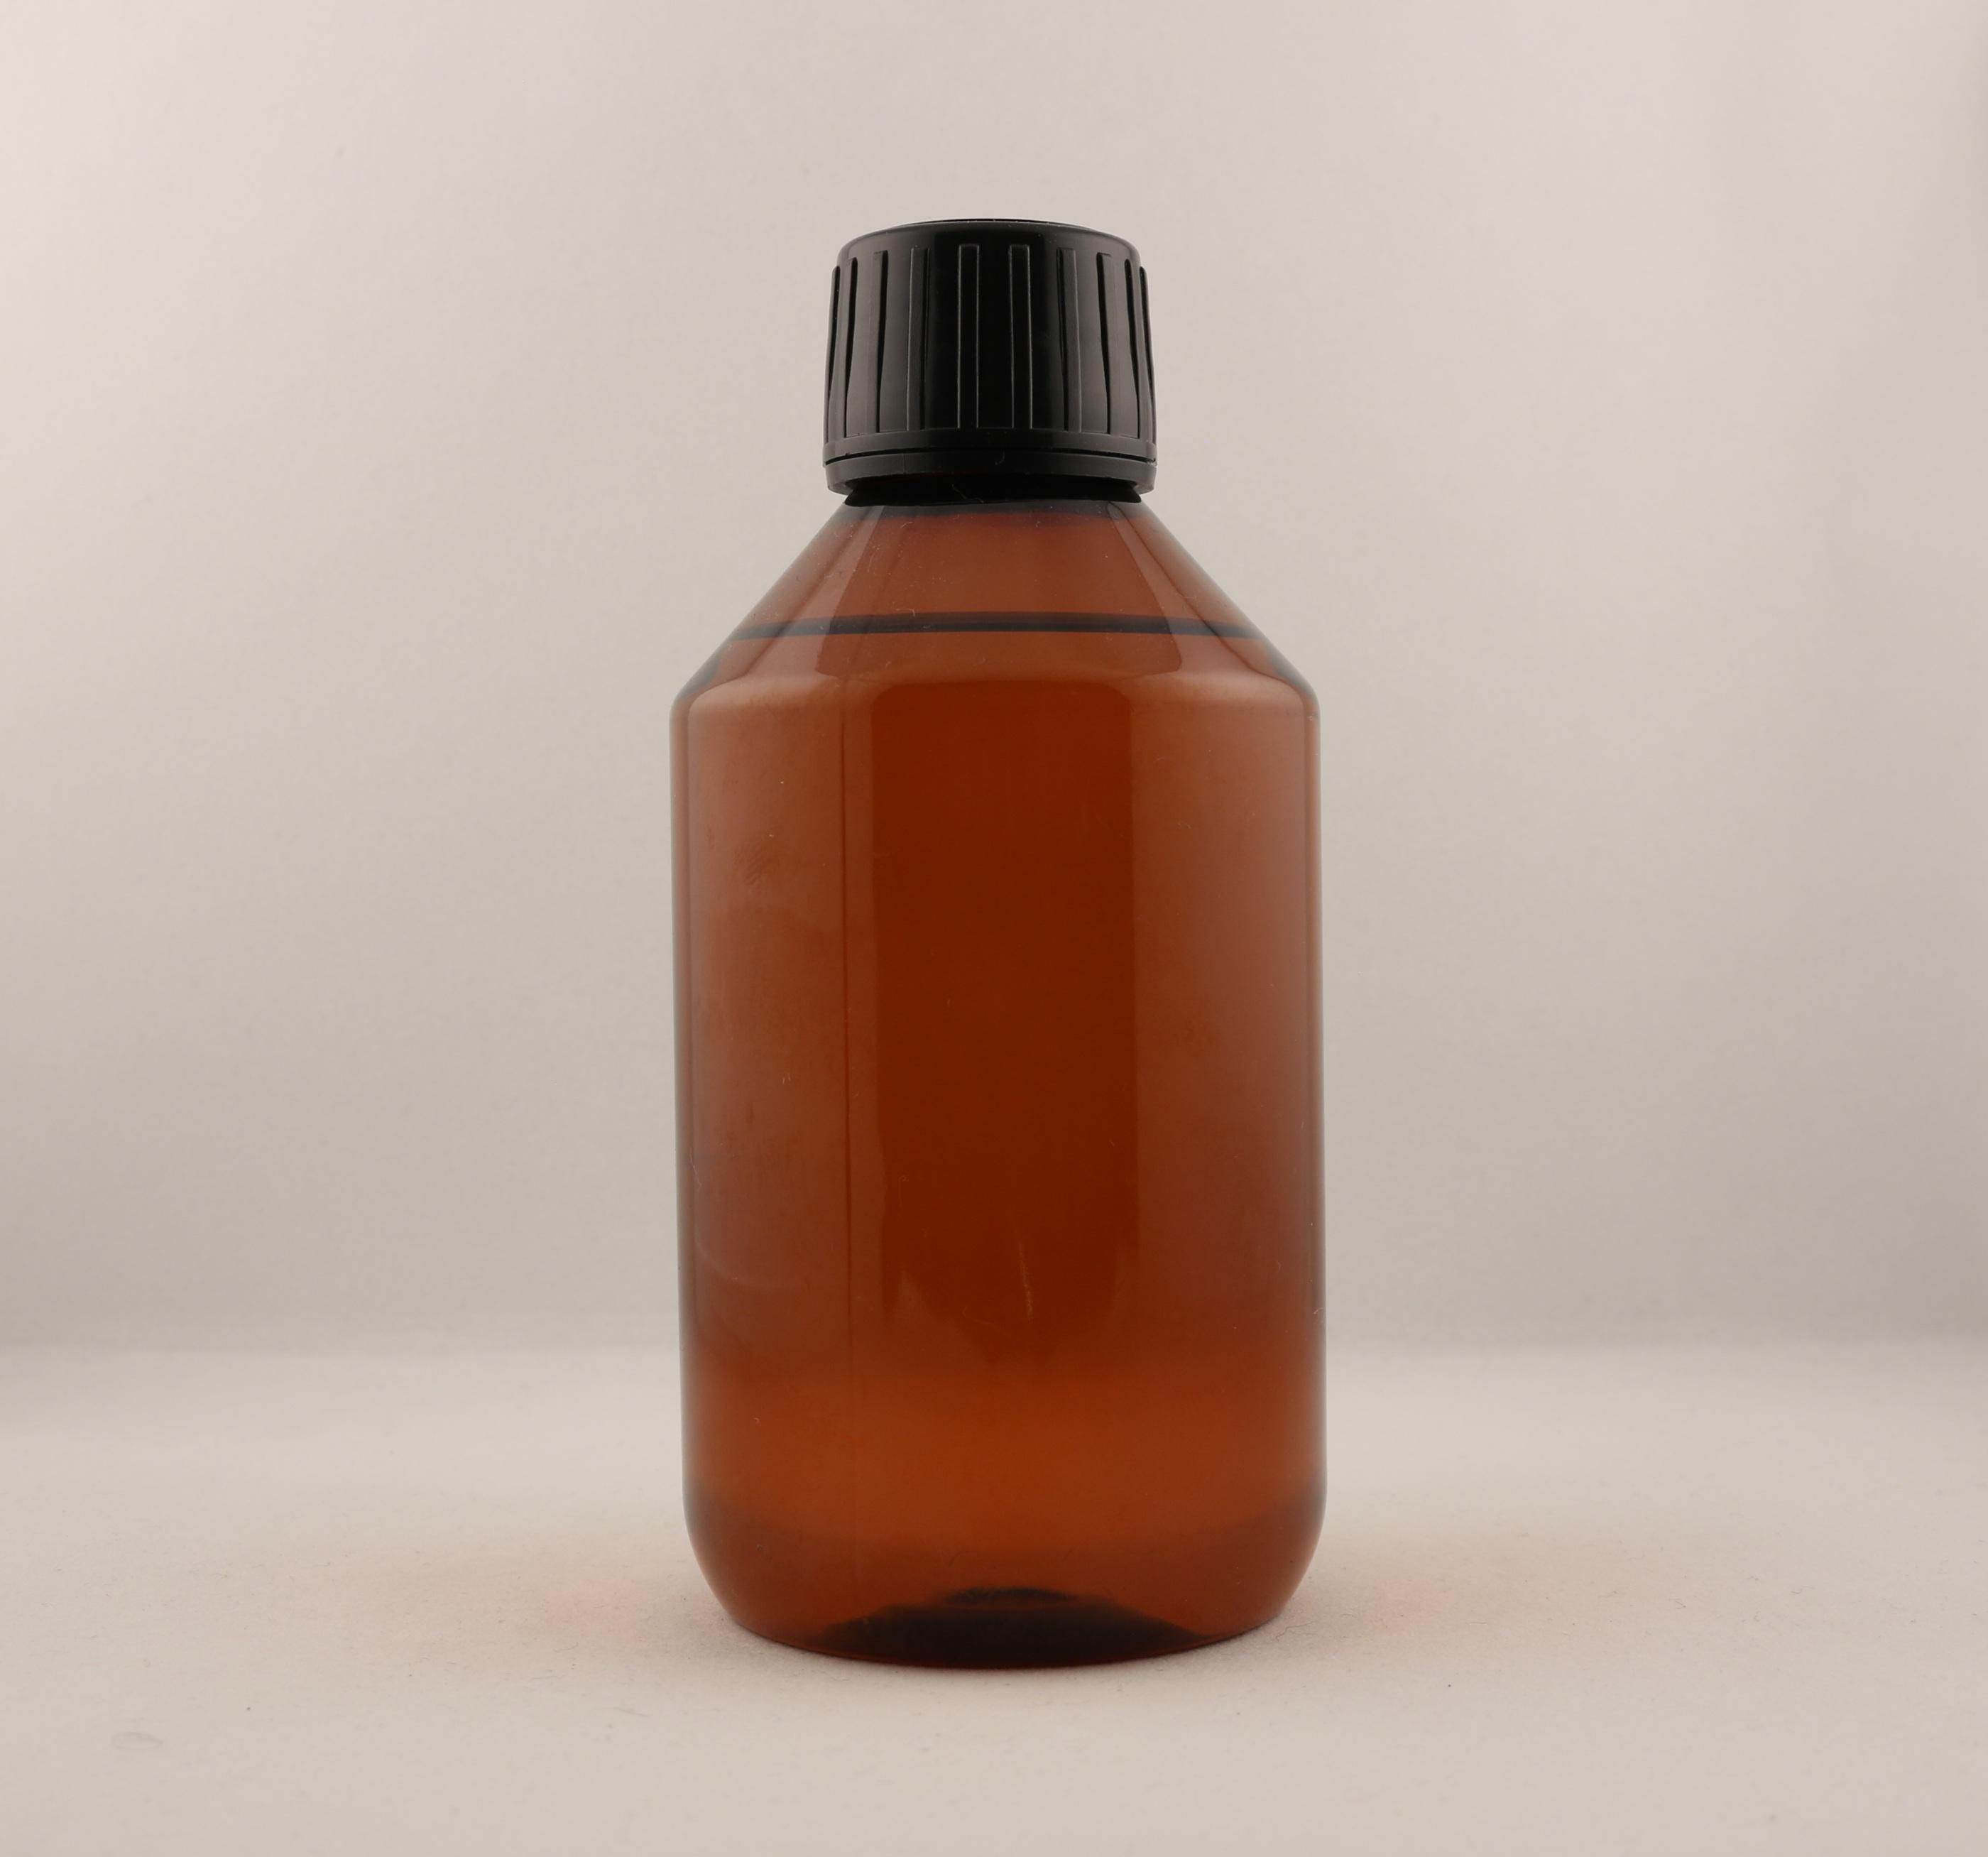 Sesamolja 300ml holistisk alternativ örttillskott kosttillskott homeopati hälsa